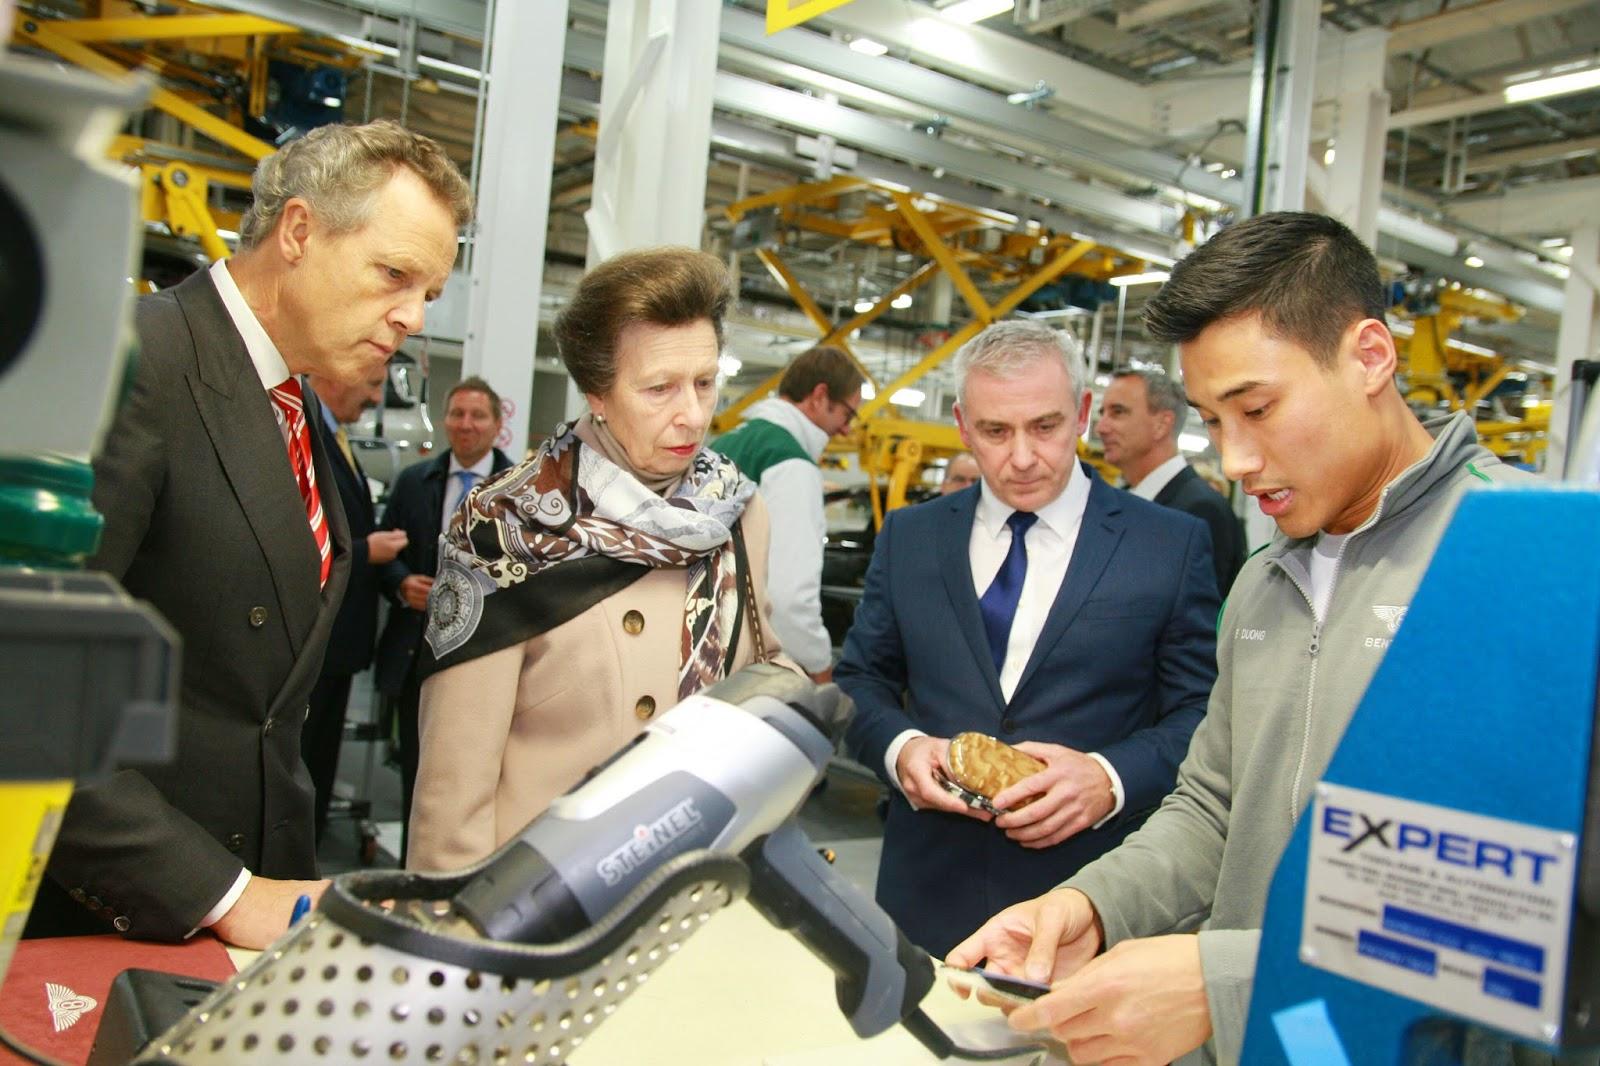 Η πριγκίπισσα Άννα ανοίγει νέο κέντρο έρευνας και ανάπτυξης στη Bentley